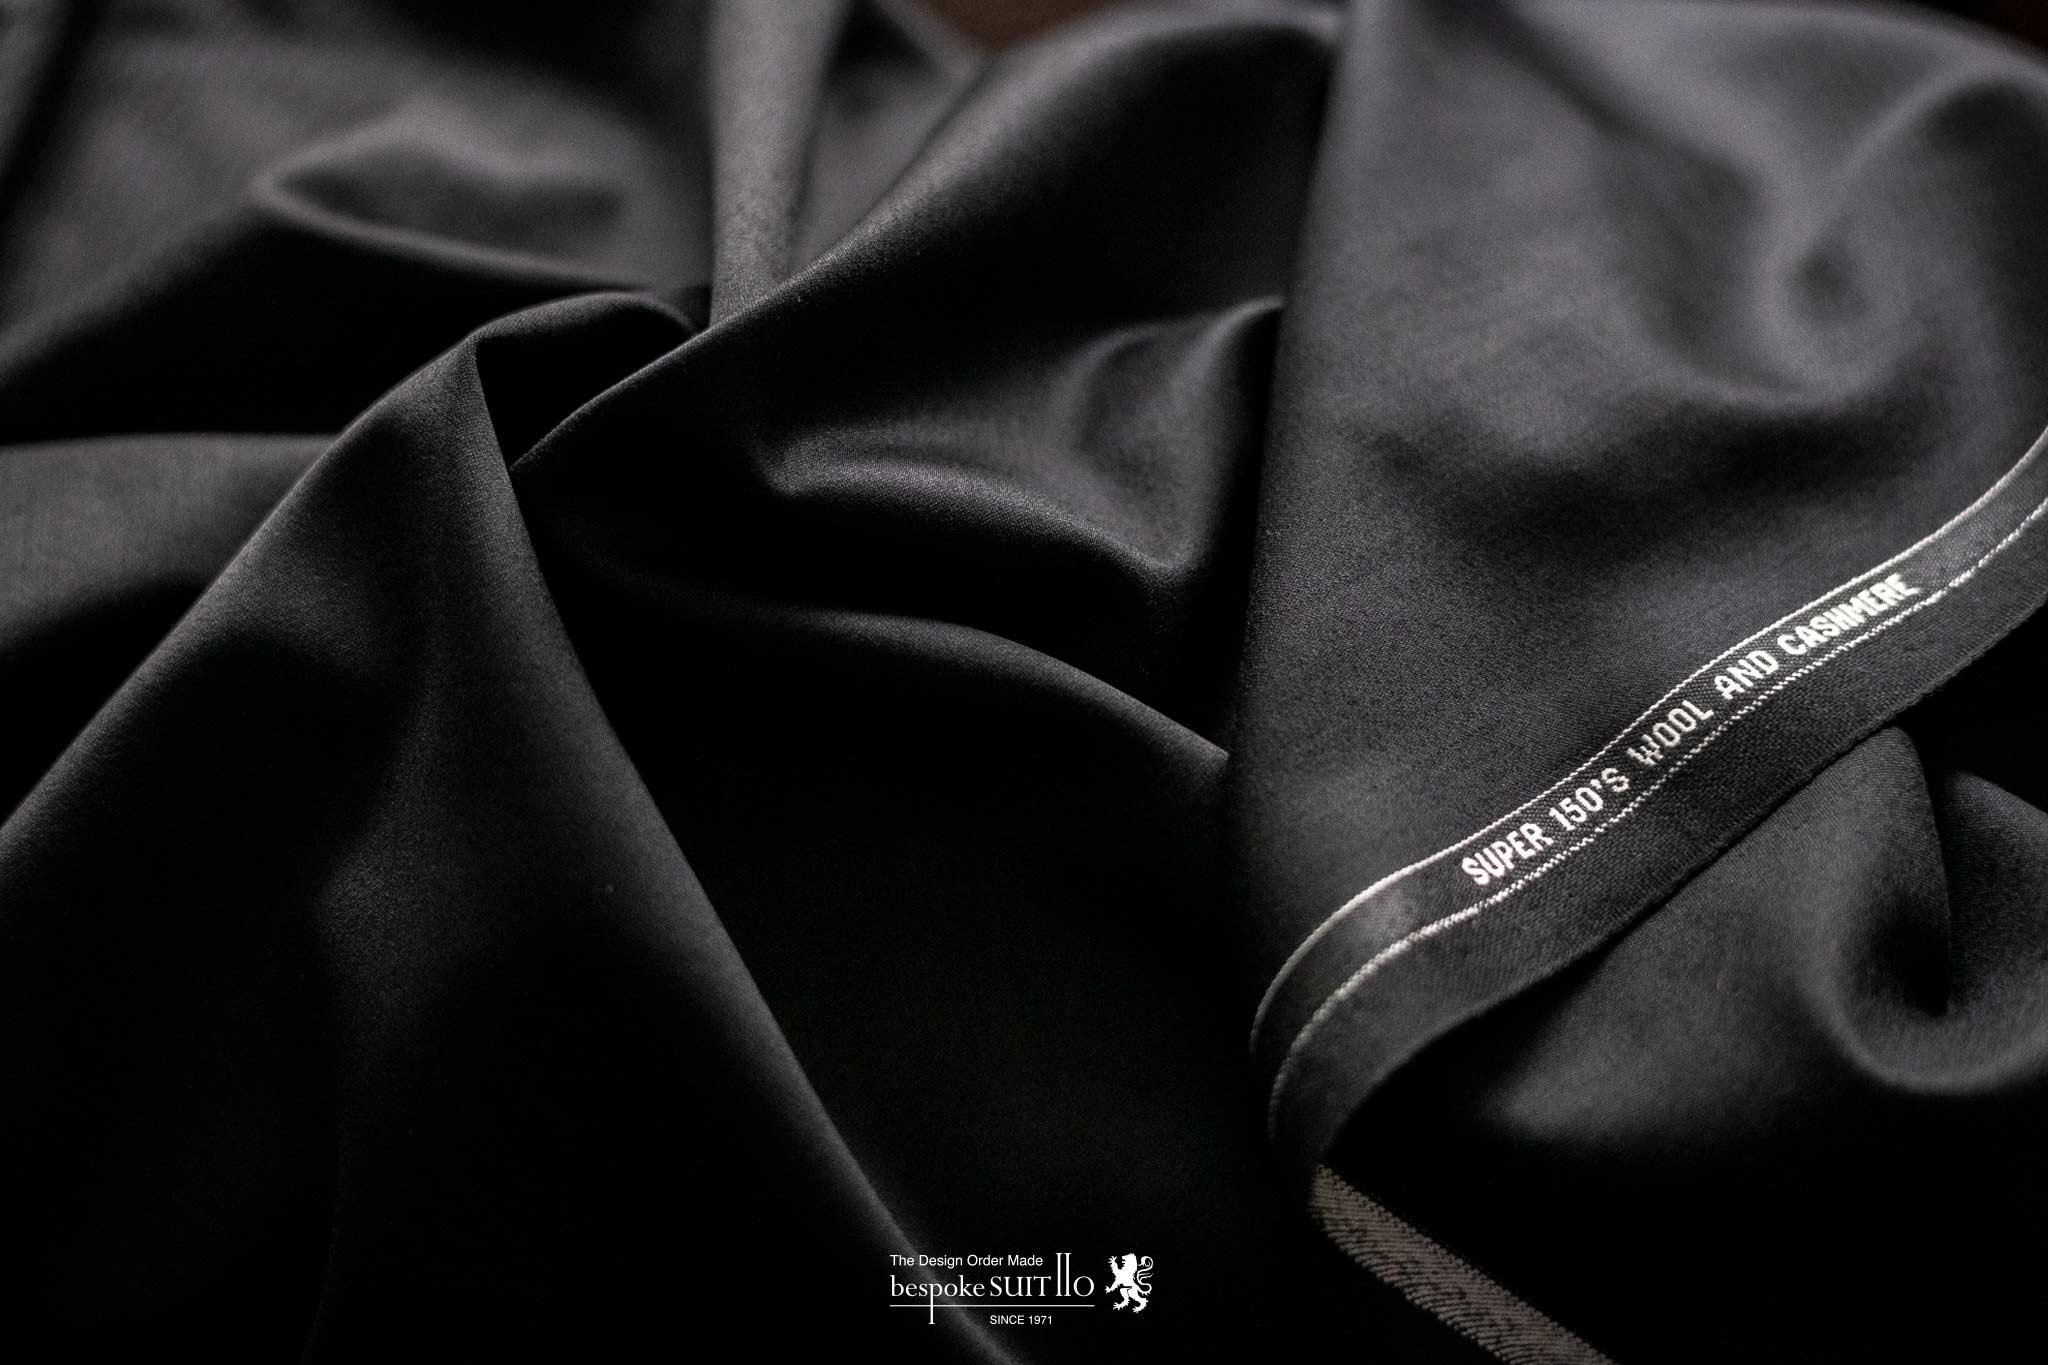 BLACK,William Halstead,ウィリアムハルステッド,タキシード,フォーマル,formal,タキシードクロス,tuxedo cloth,ブラックスーツ,礼服,喪服,式服,,リード&テイラー,ReidandTaylor,ESCORIAL WOOL,エスコリアル・ウール,希少種,madeinengland,英国,服地,suits,jacket,coat,Savile Row,背広,mensfashion,mensstyle,メンズコーディネート,mensfashion,メンズファッション,着こなし,福岡ファション,ブライダル,お洒落さんと繋がりたい,オーダースーツ,ordersuits,ドレスシャツ,オーダースーツ,オーダージャケット,orderJacket,オーダーベスト,oedervest,ビスポーク,bespoke,三ケ森,jhp,instagood,instadiary,instalike,instamood,instalove,instafollow,instapic,instaphoto,オーダージャケット,オーダーシャツ,オーダースーツ,背広,誂え,仕立,紳士,福岡,黒崎,小倉,北九州,八幡西区,ビスポークスーツ110,bespokeSUIT110,bespokeSUITIIO,suits,suitstil,Suitsstyle,mensstyl,